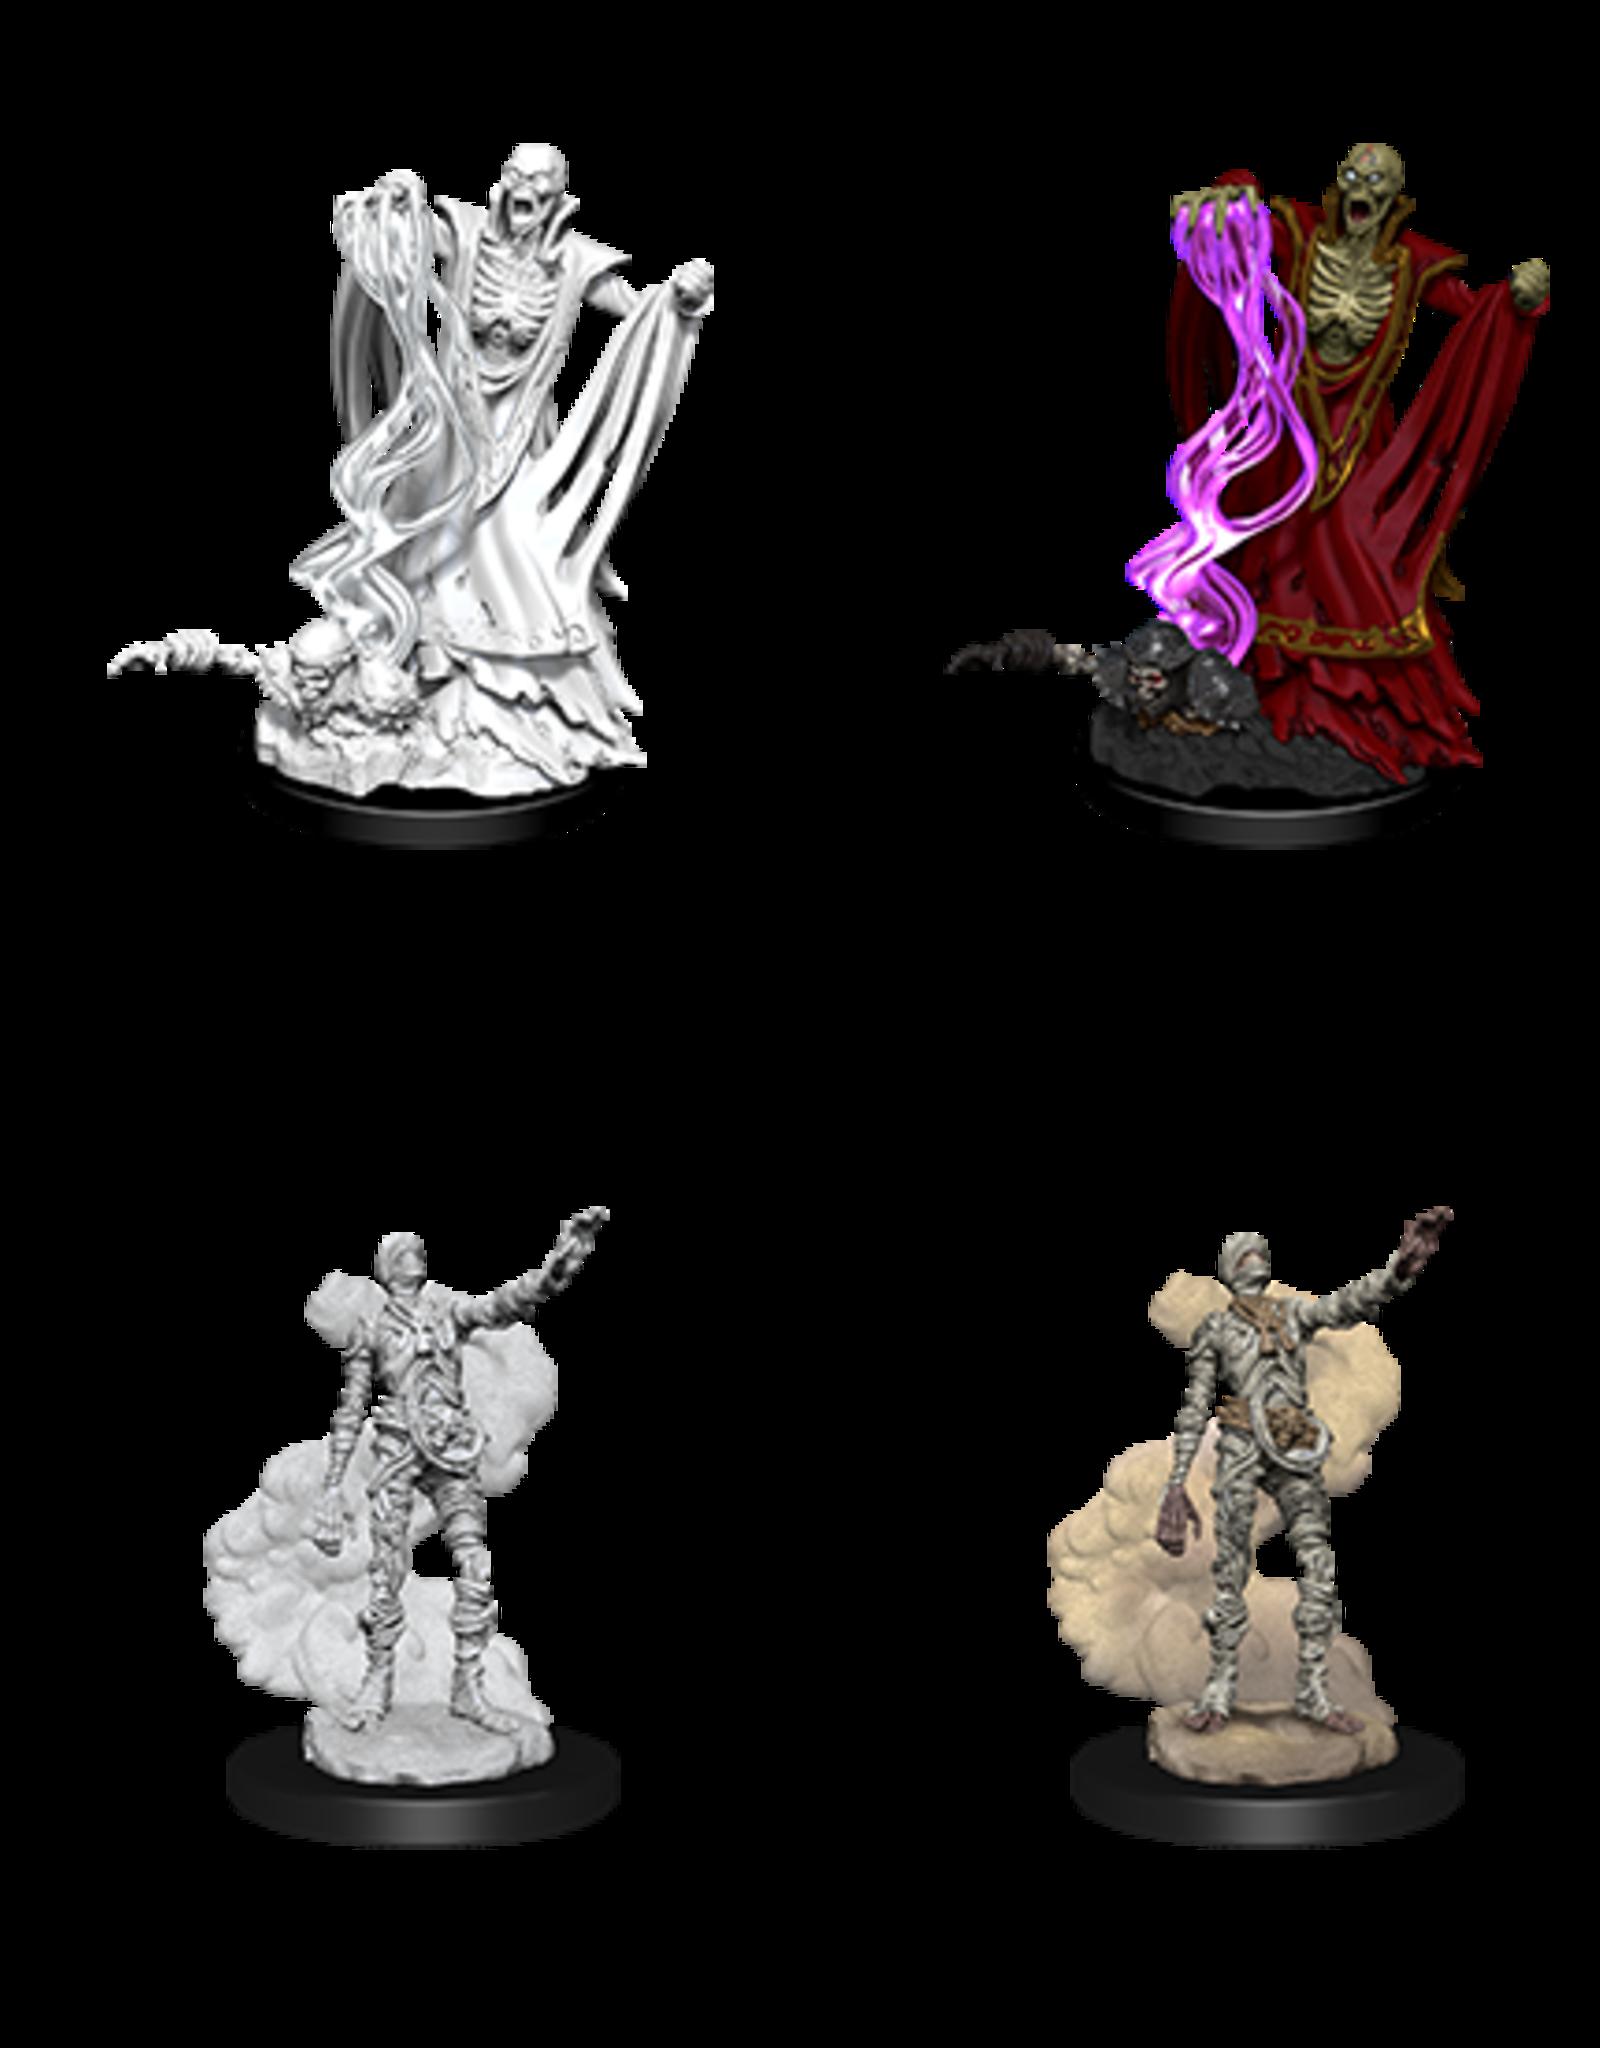 Nolzur's Marvelous Miniatures D&D D&D NMU - Lich & Mummy Lord